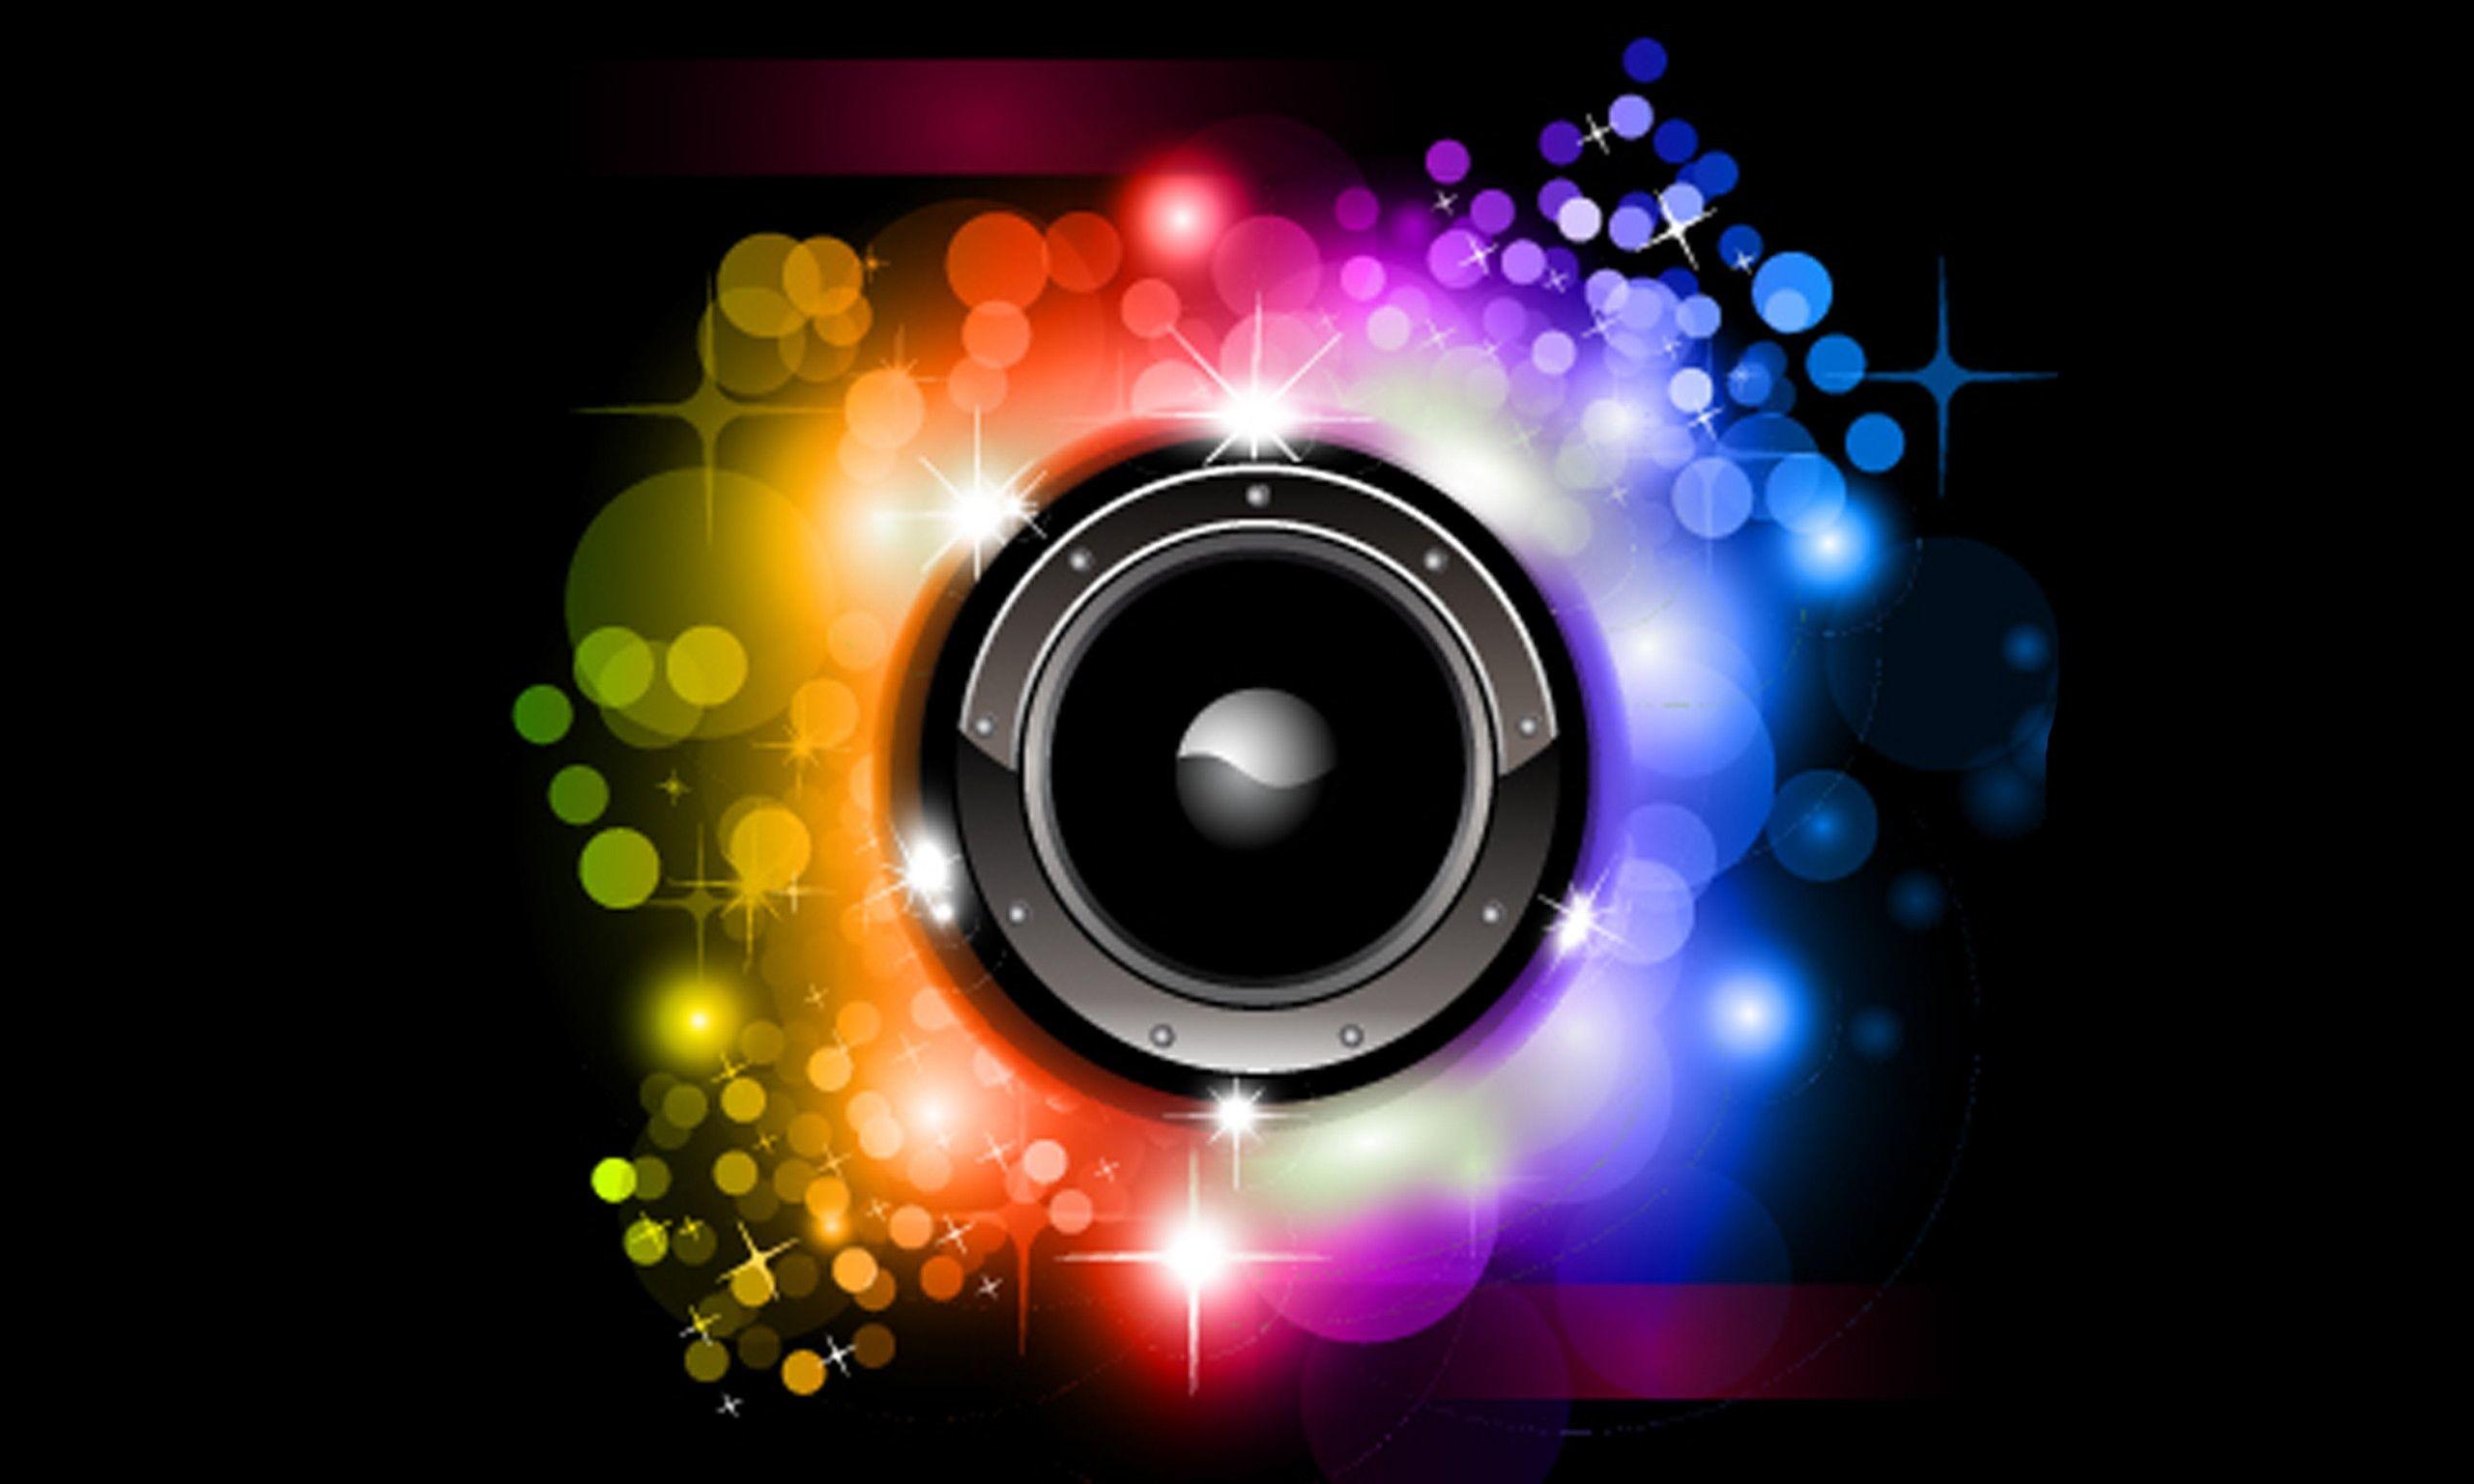 Neon Music Wallpaper Full HD #421l >